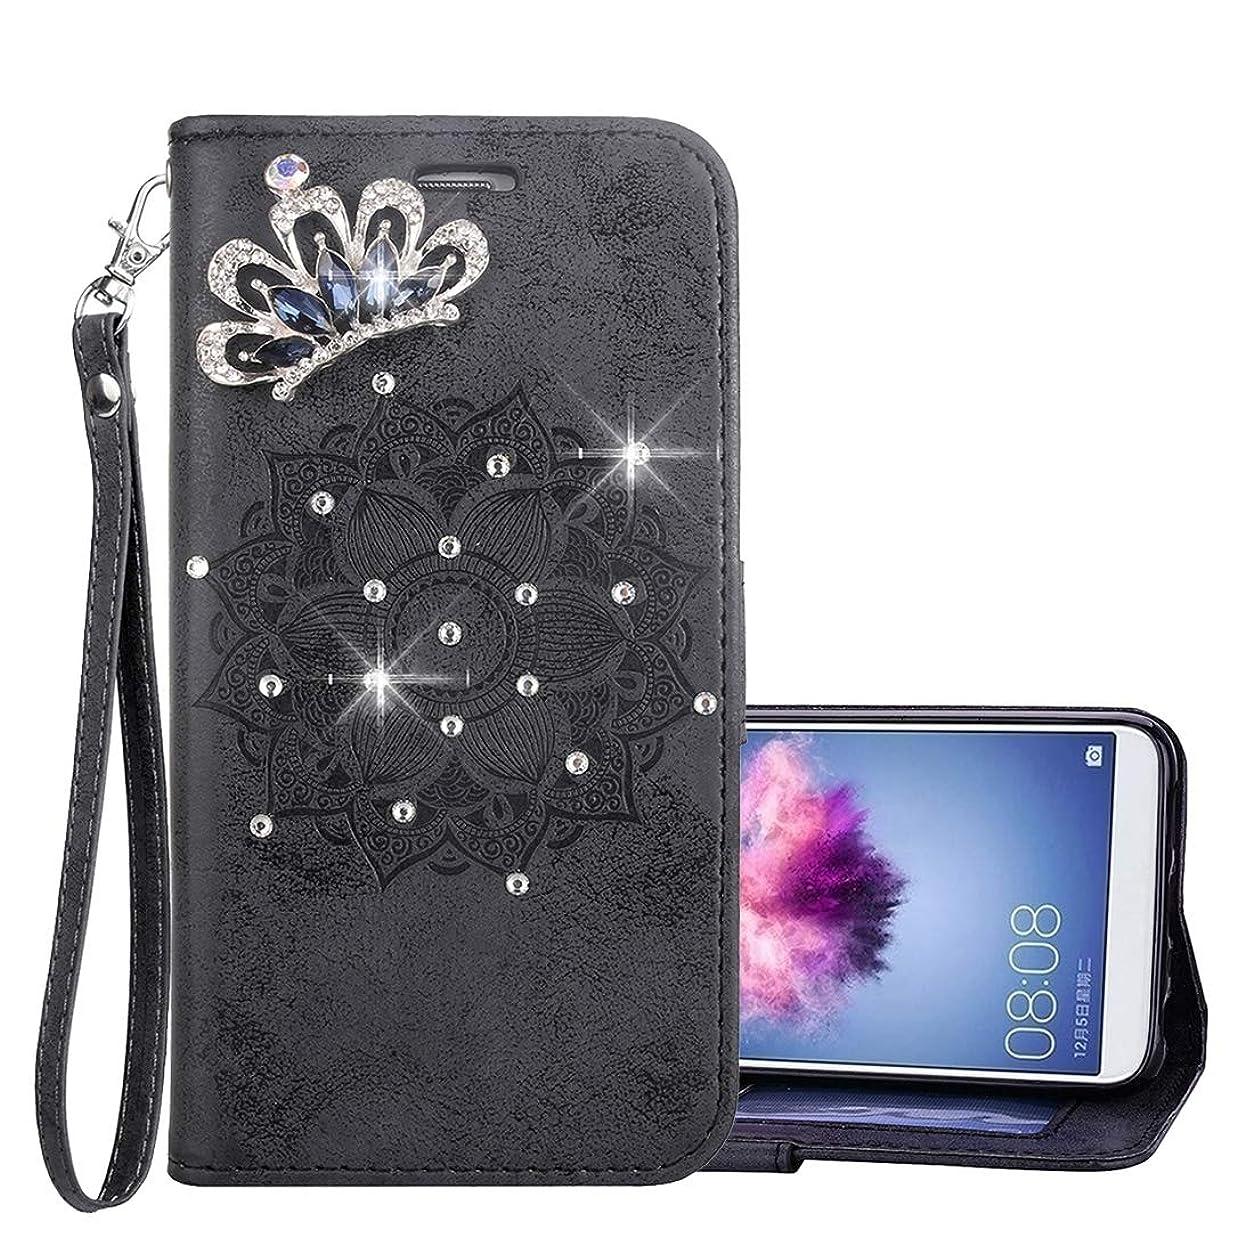 すみません活気づく民主党WTYD 電話アクセサリー Huawei P smart(Enjoy 7S)用カードスロット&ホルダー&財布&ストラップを使用して、マンゴガラのパターンクリスタルエンジニアリング水平方向フリップレザーケース 電話使用 (Color : Black)